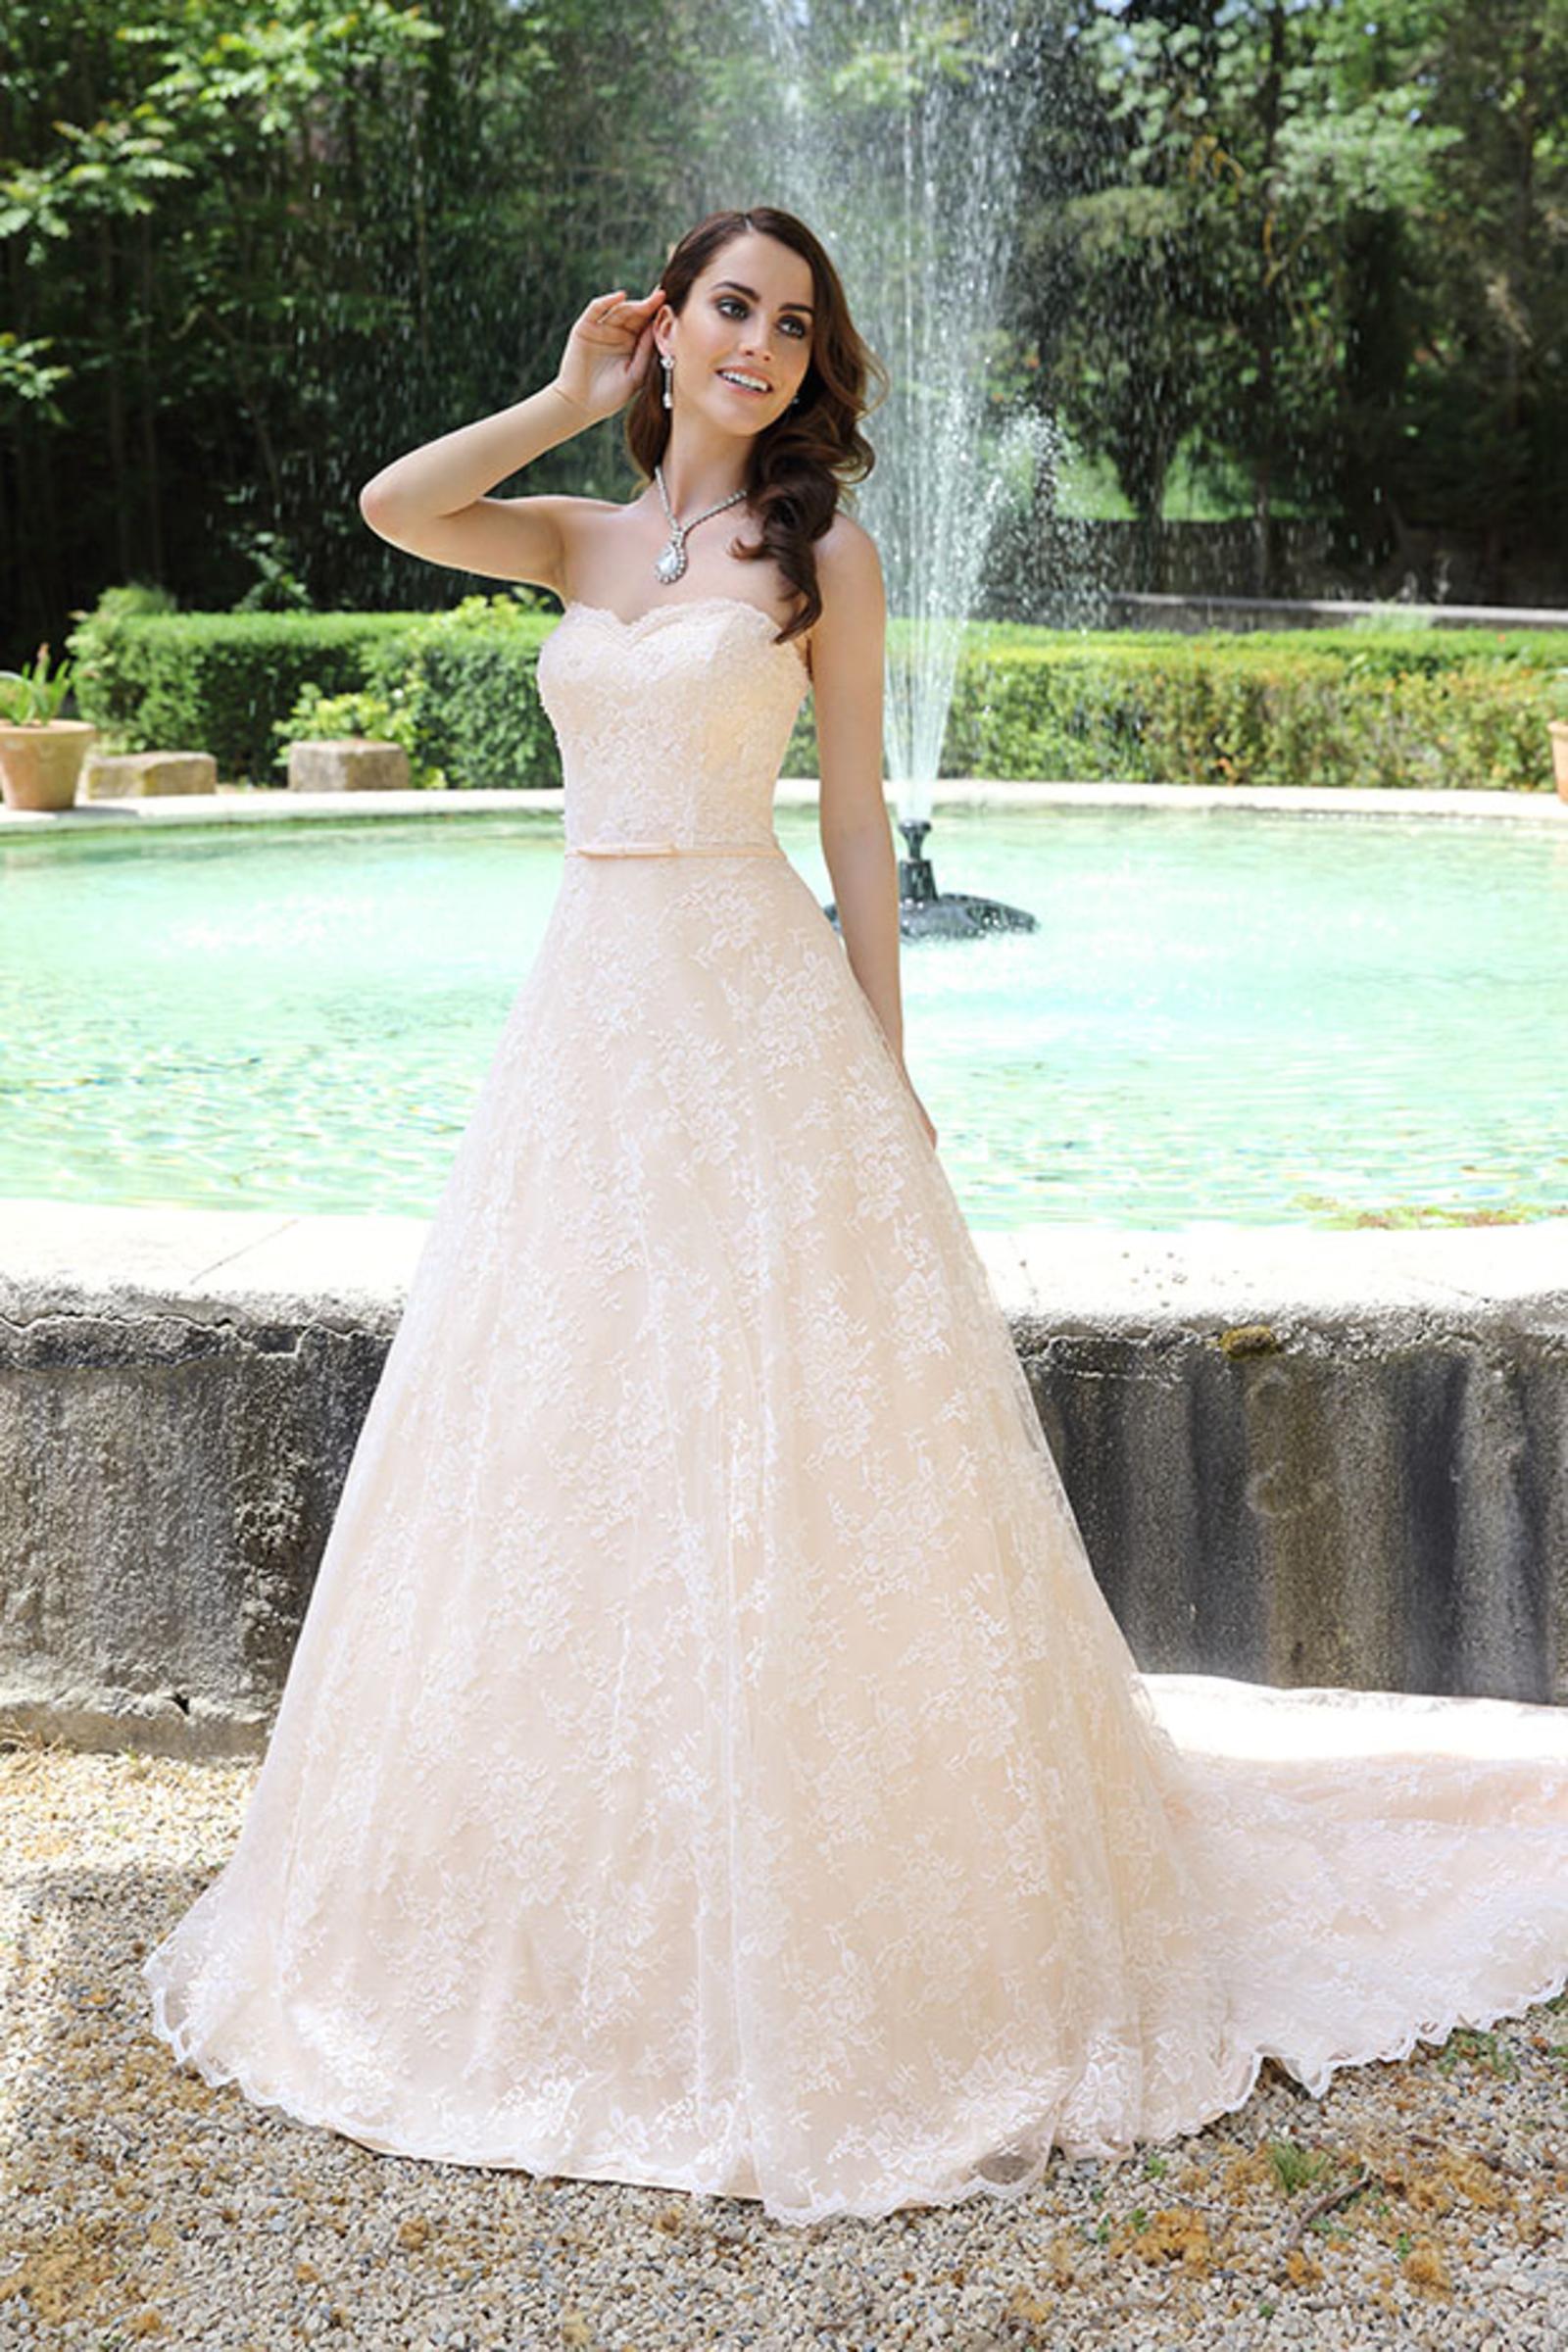 Ausgezeichnet Louis Vuitton Brautkleider Bilder - Hochzeit Kleid ...